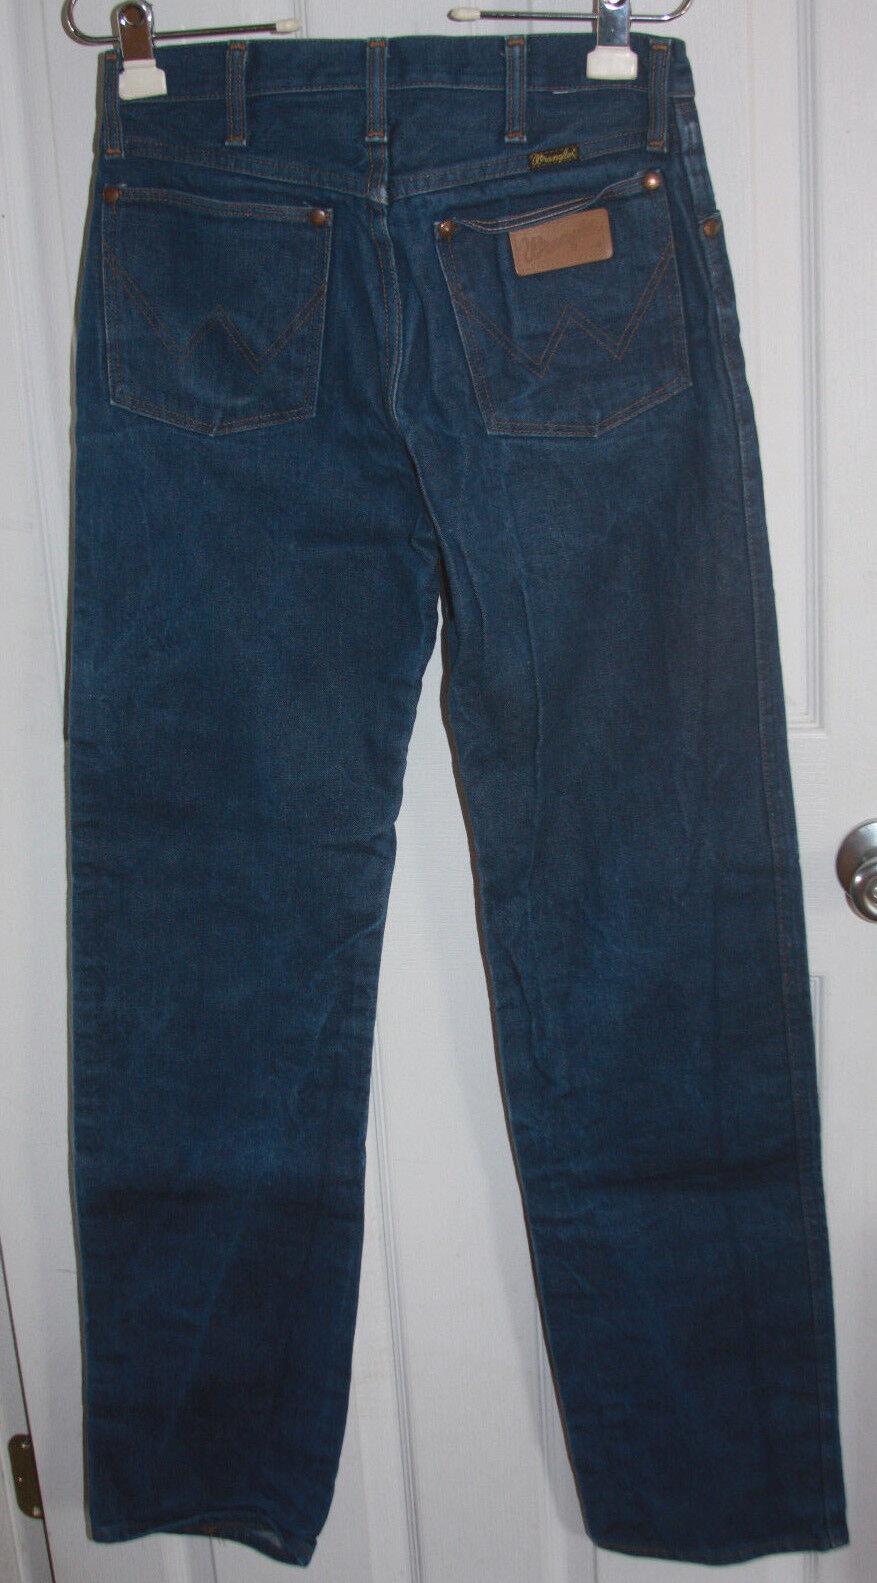 Wrangler Western bluee Jeans 29x34 Style 13MWZ